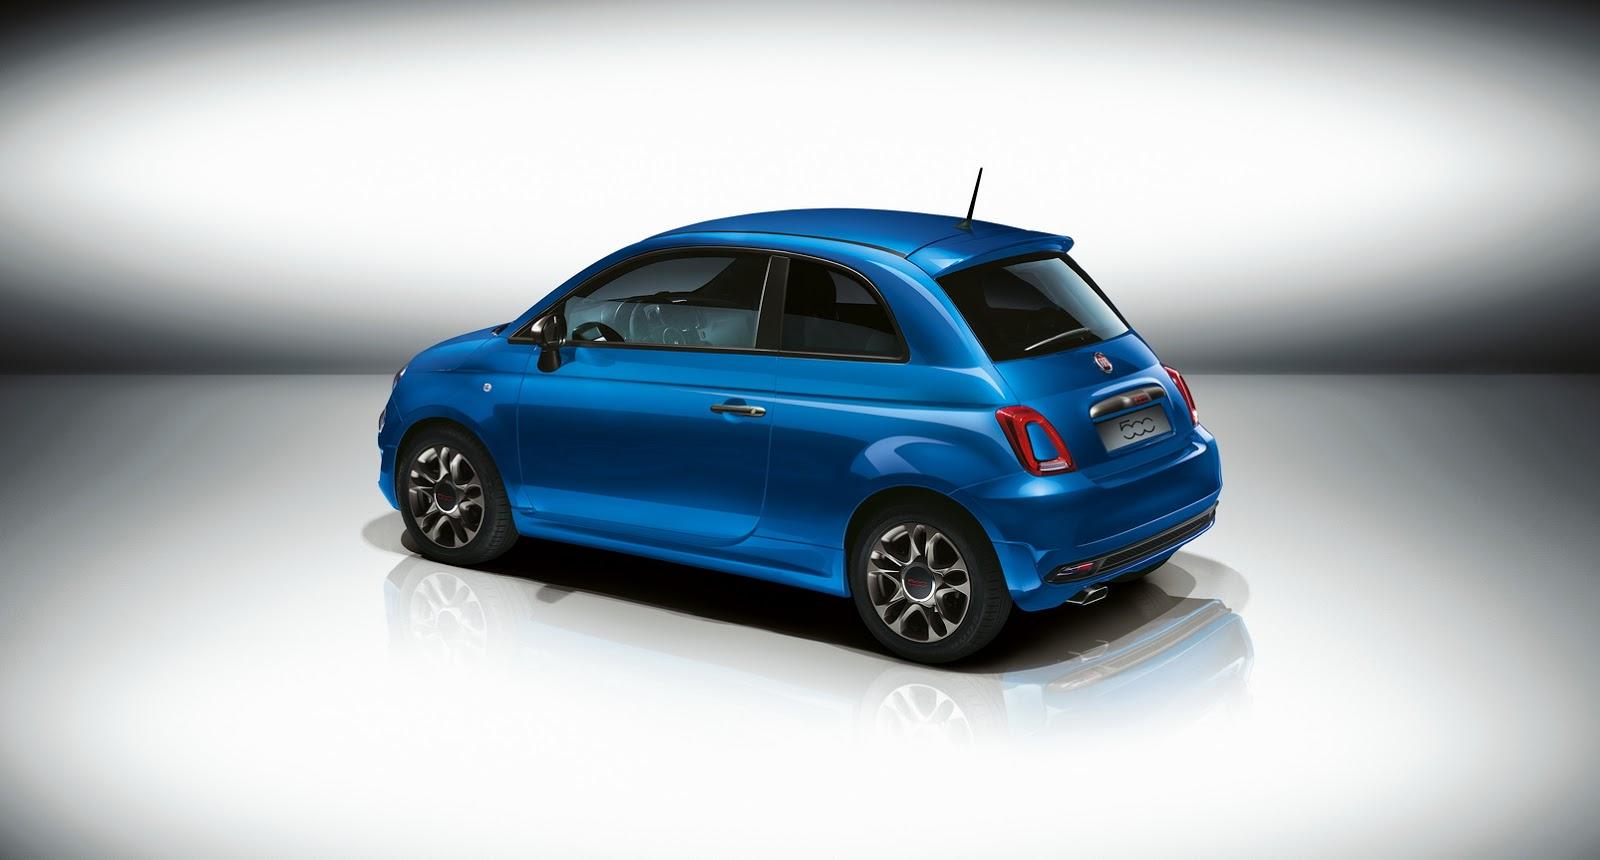 Fiat Sporty 500S nhỏ nhắn nhưng lại vô cùng mạnh mẽ